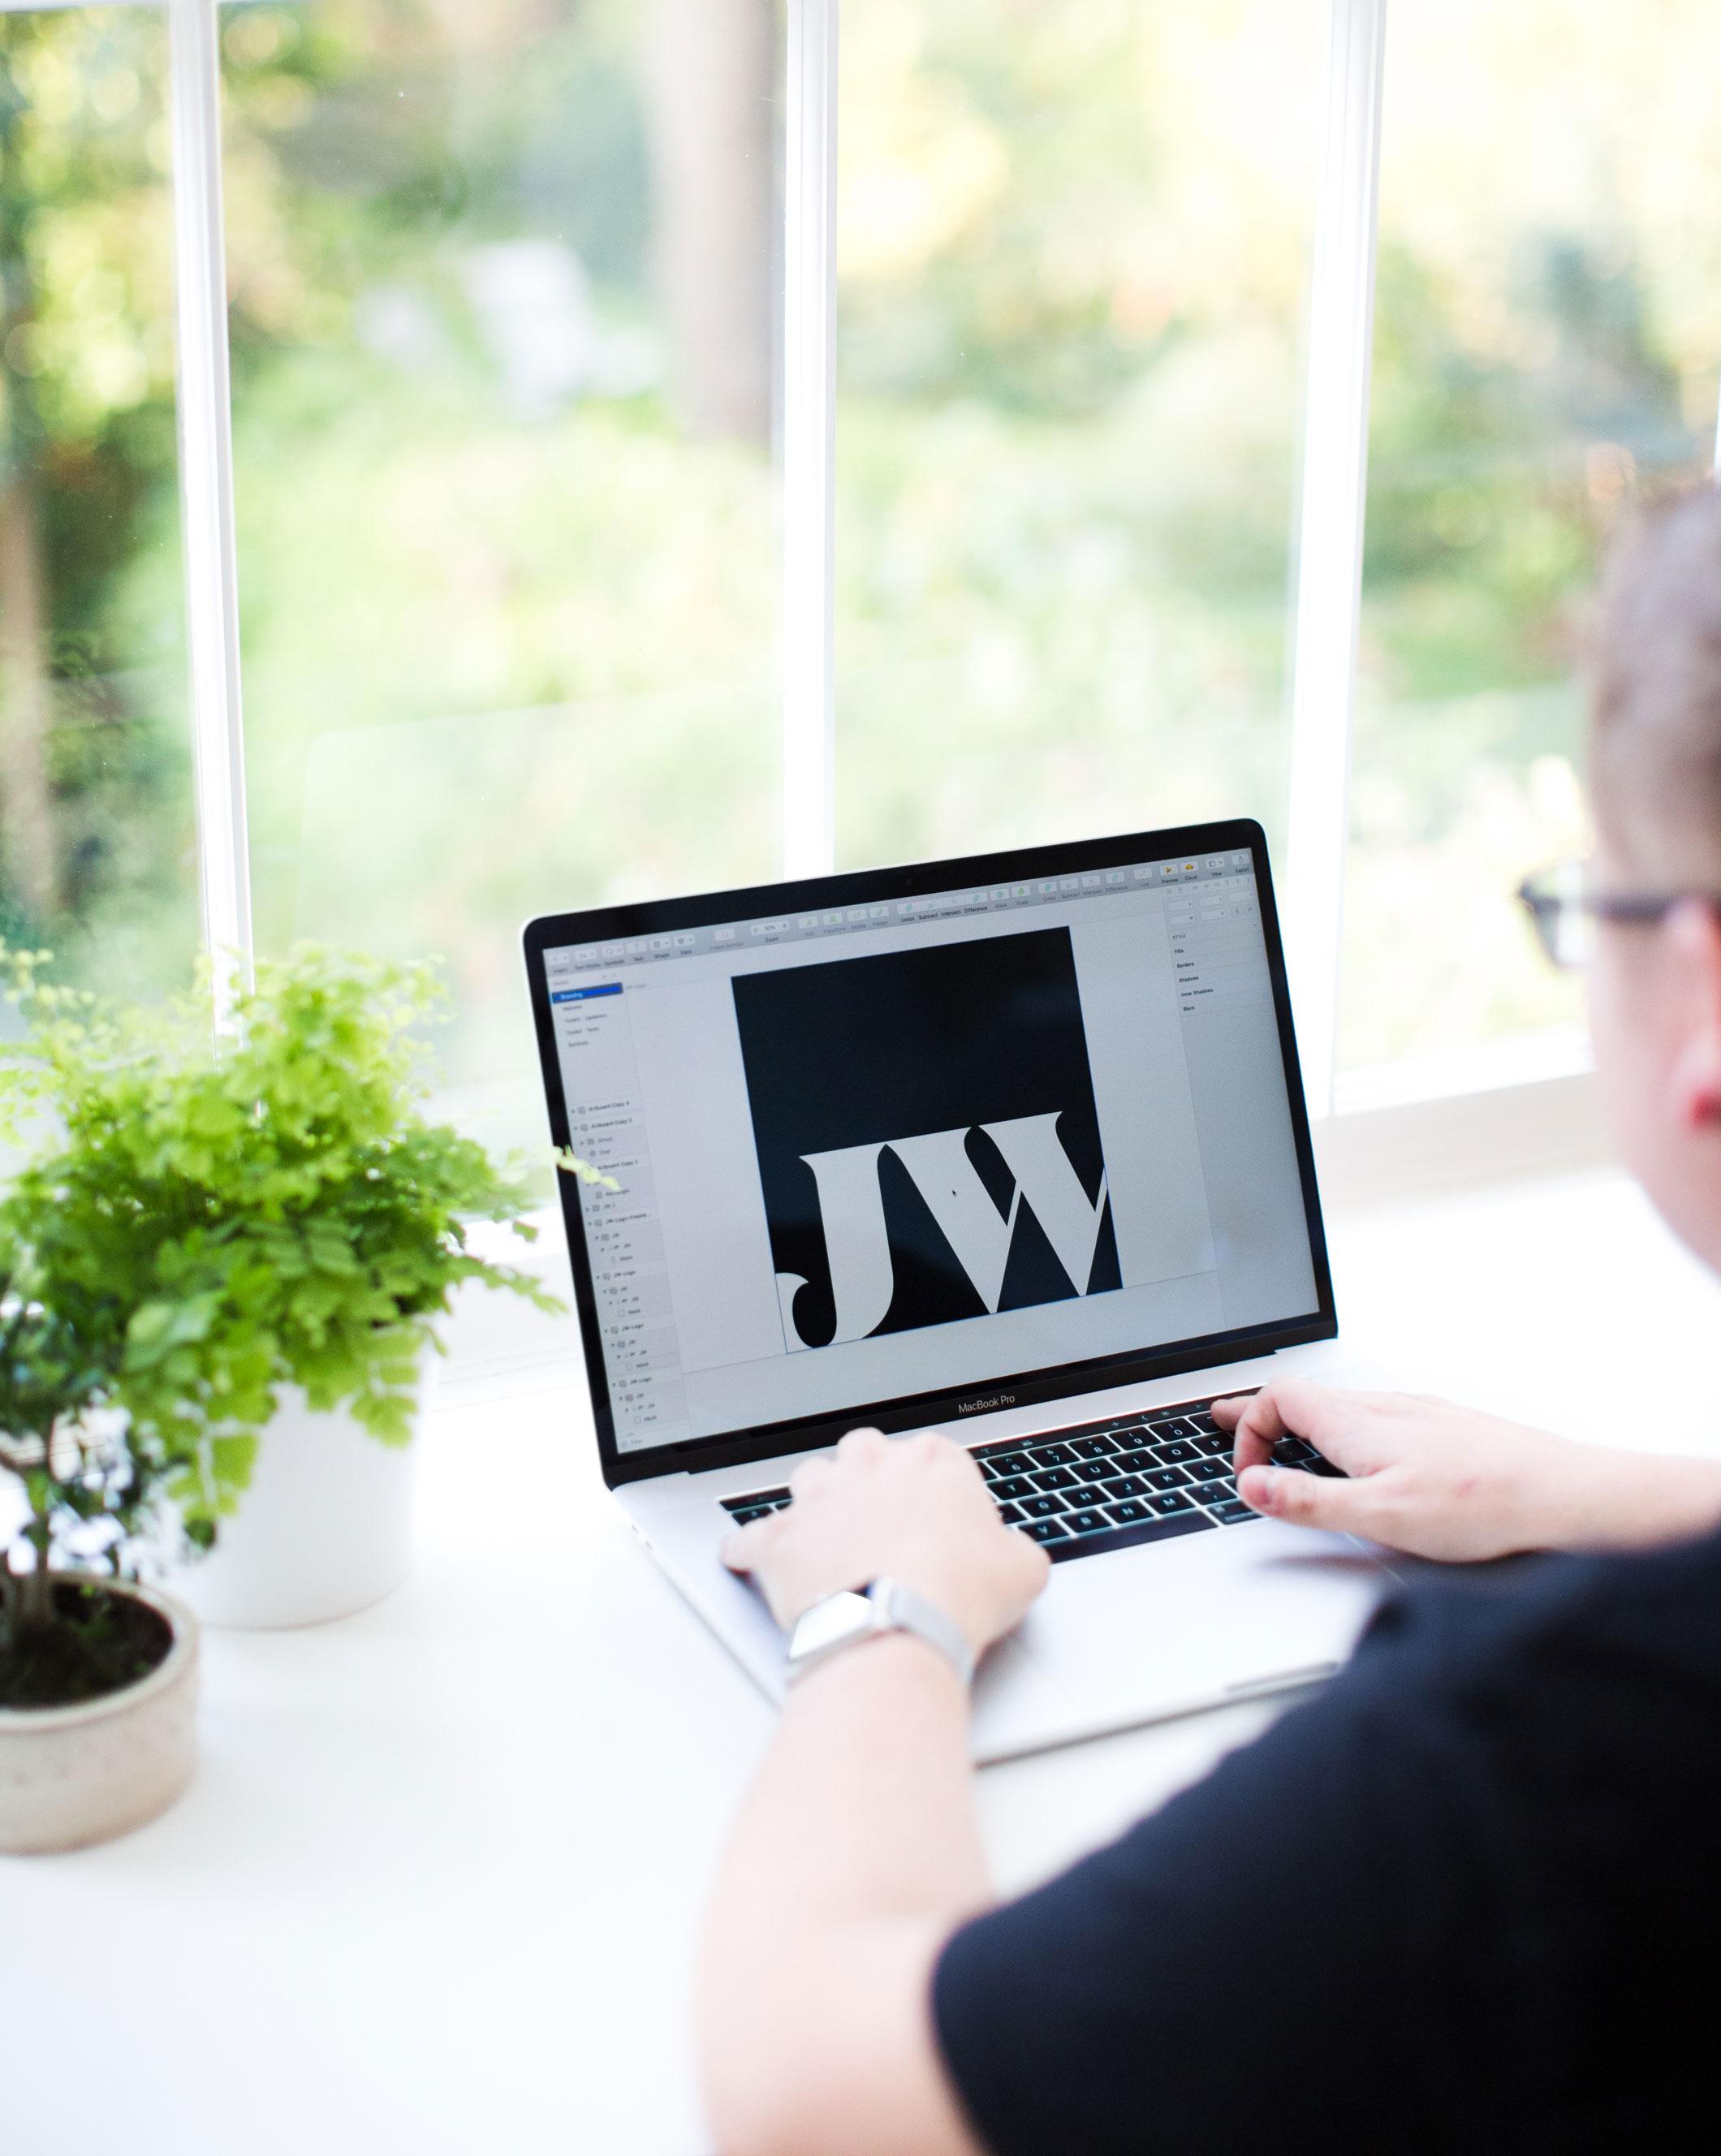 Jack Watkins working at his desk